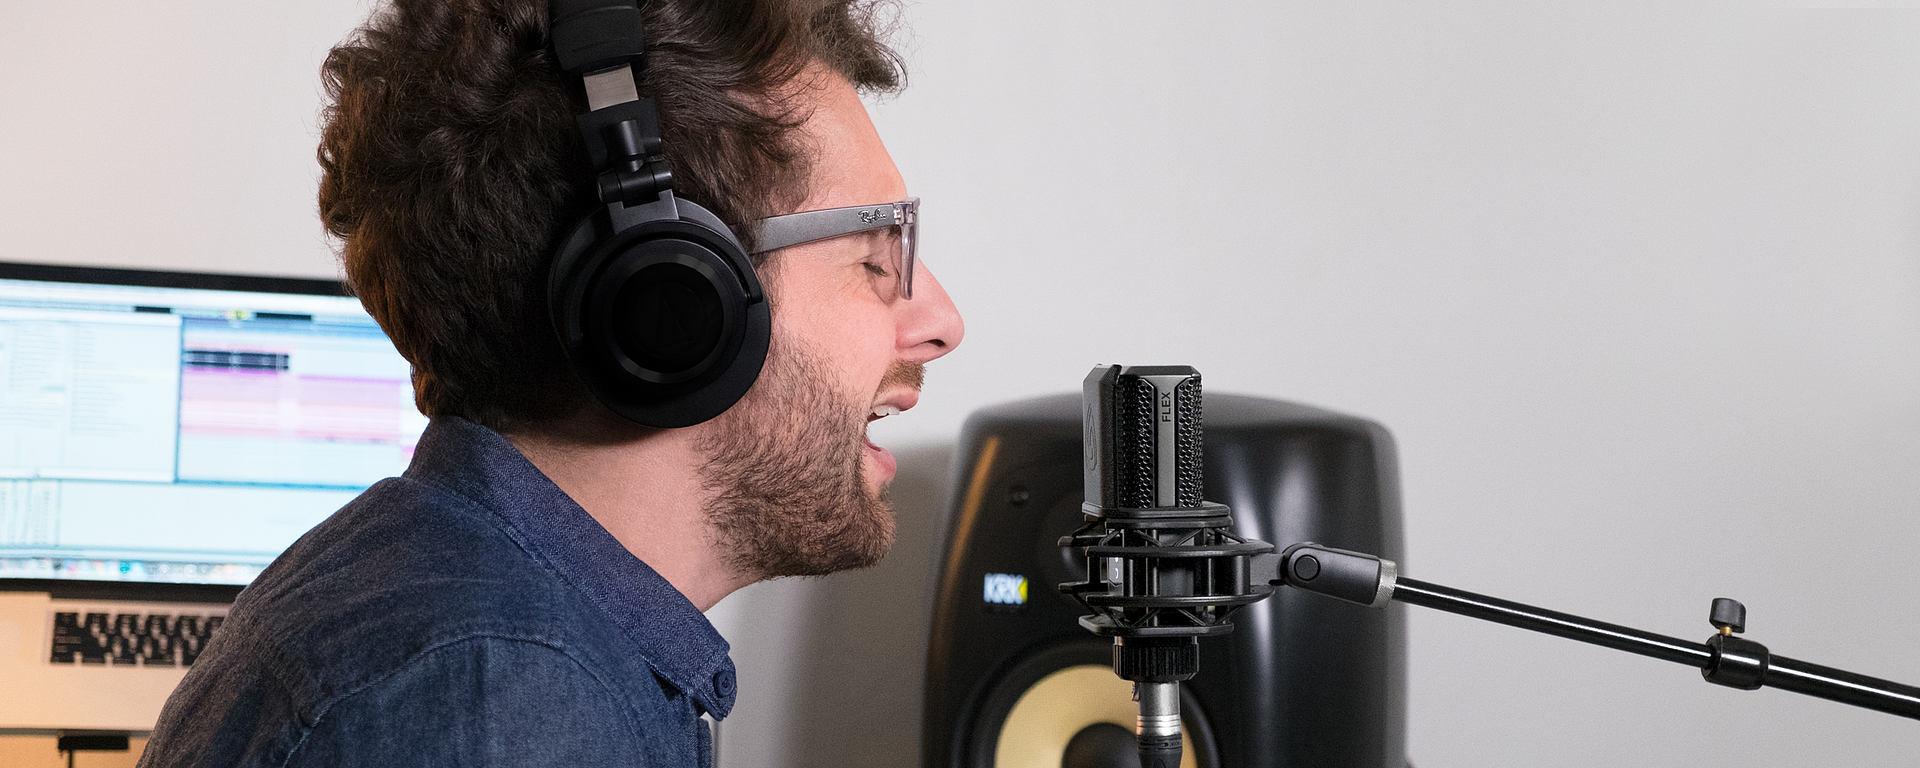 LCT 441 FLEX vocals